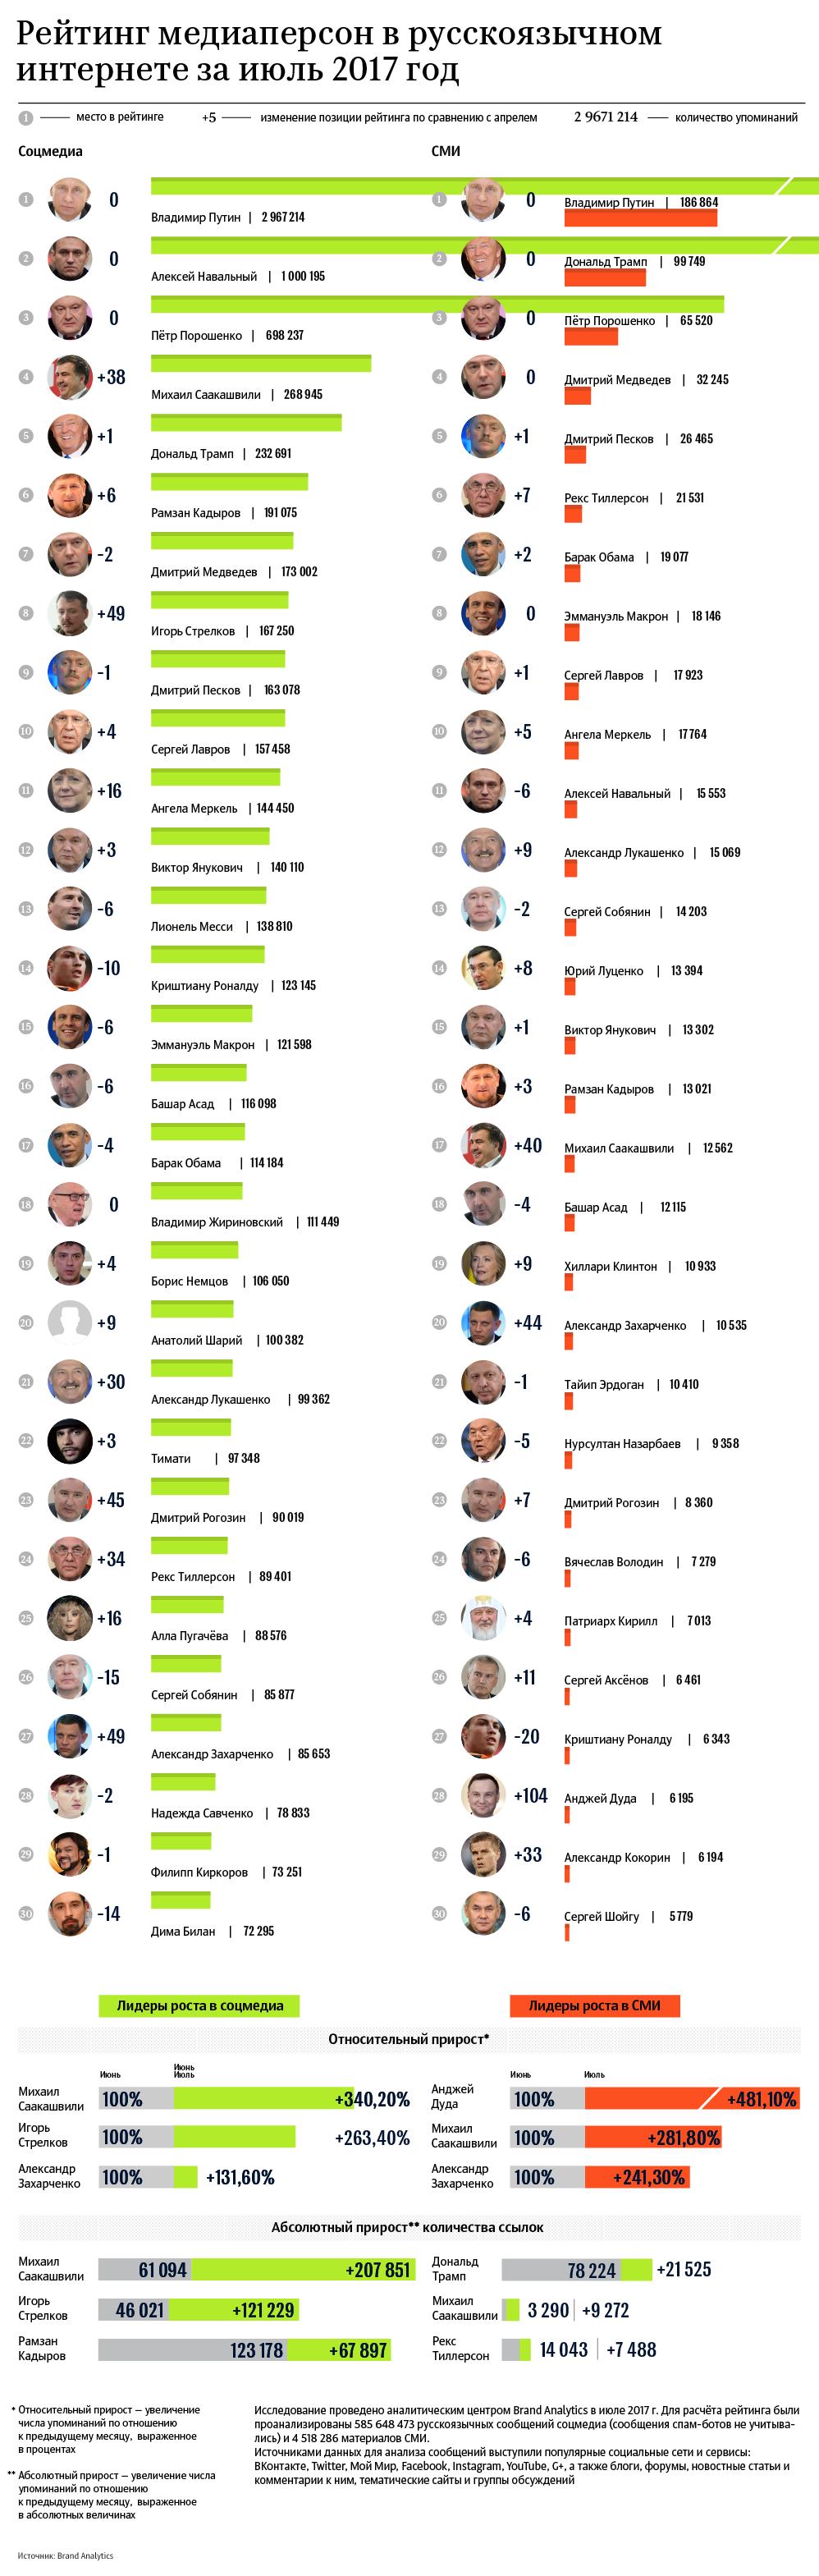 Рейтинг медиаперсон в русскоязычном интернете за июль 2017 год